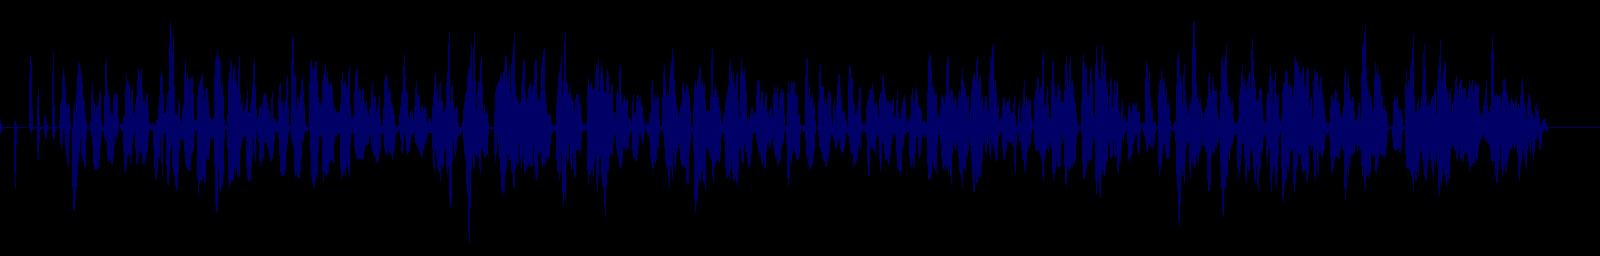 waveform of track #97800